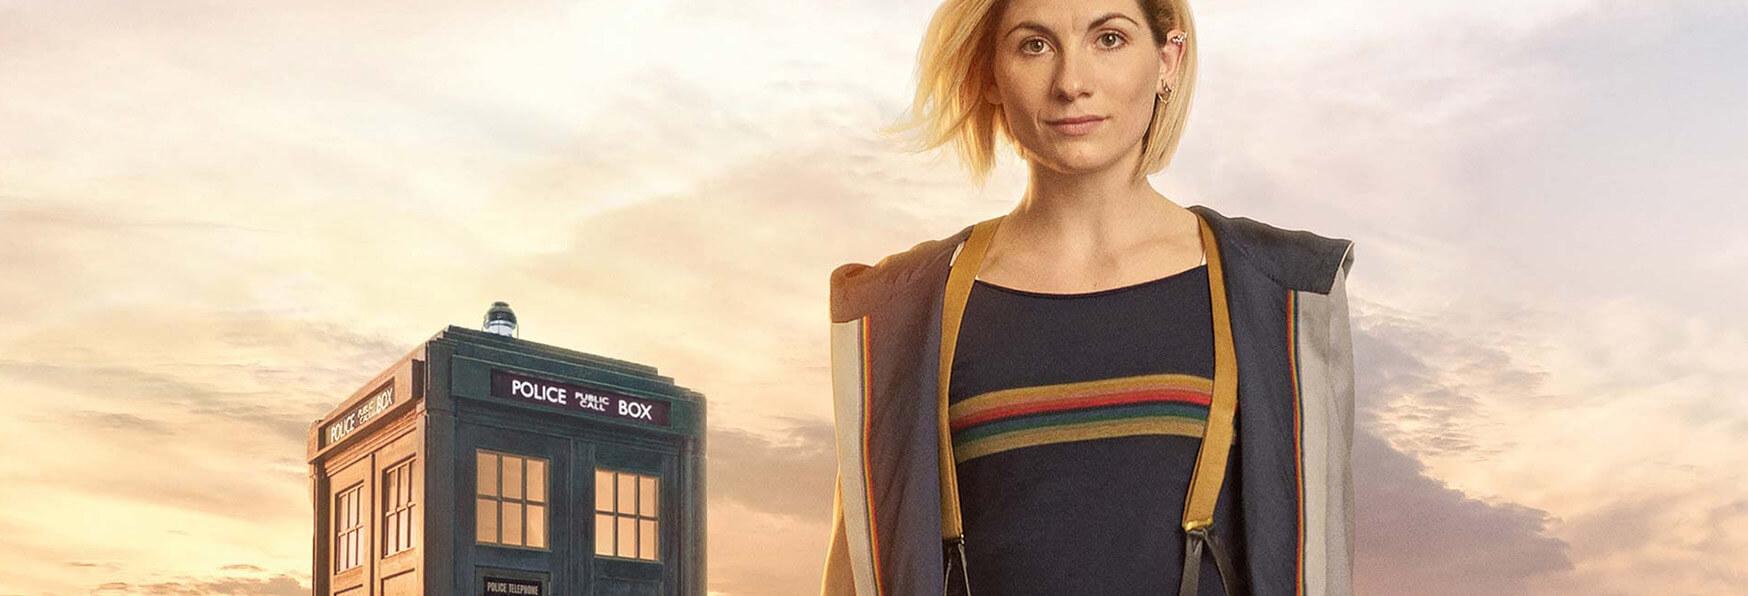 Presentato il Team dell'11° Stagione di Doctor Who